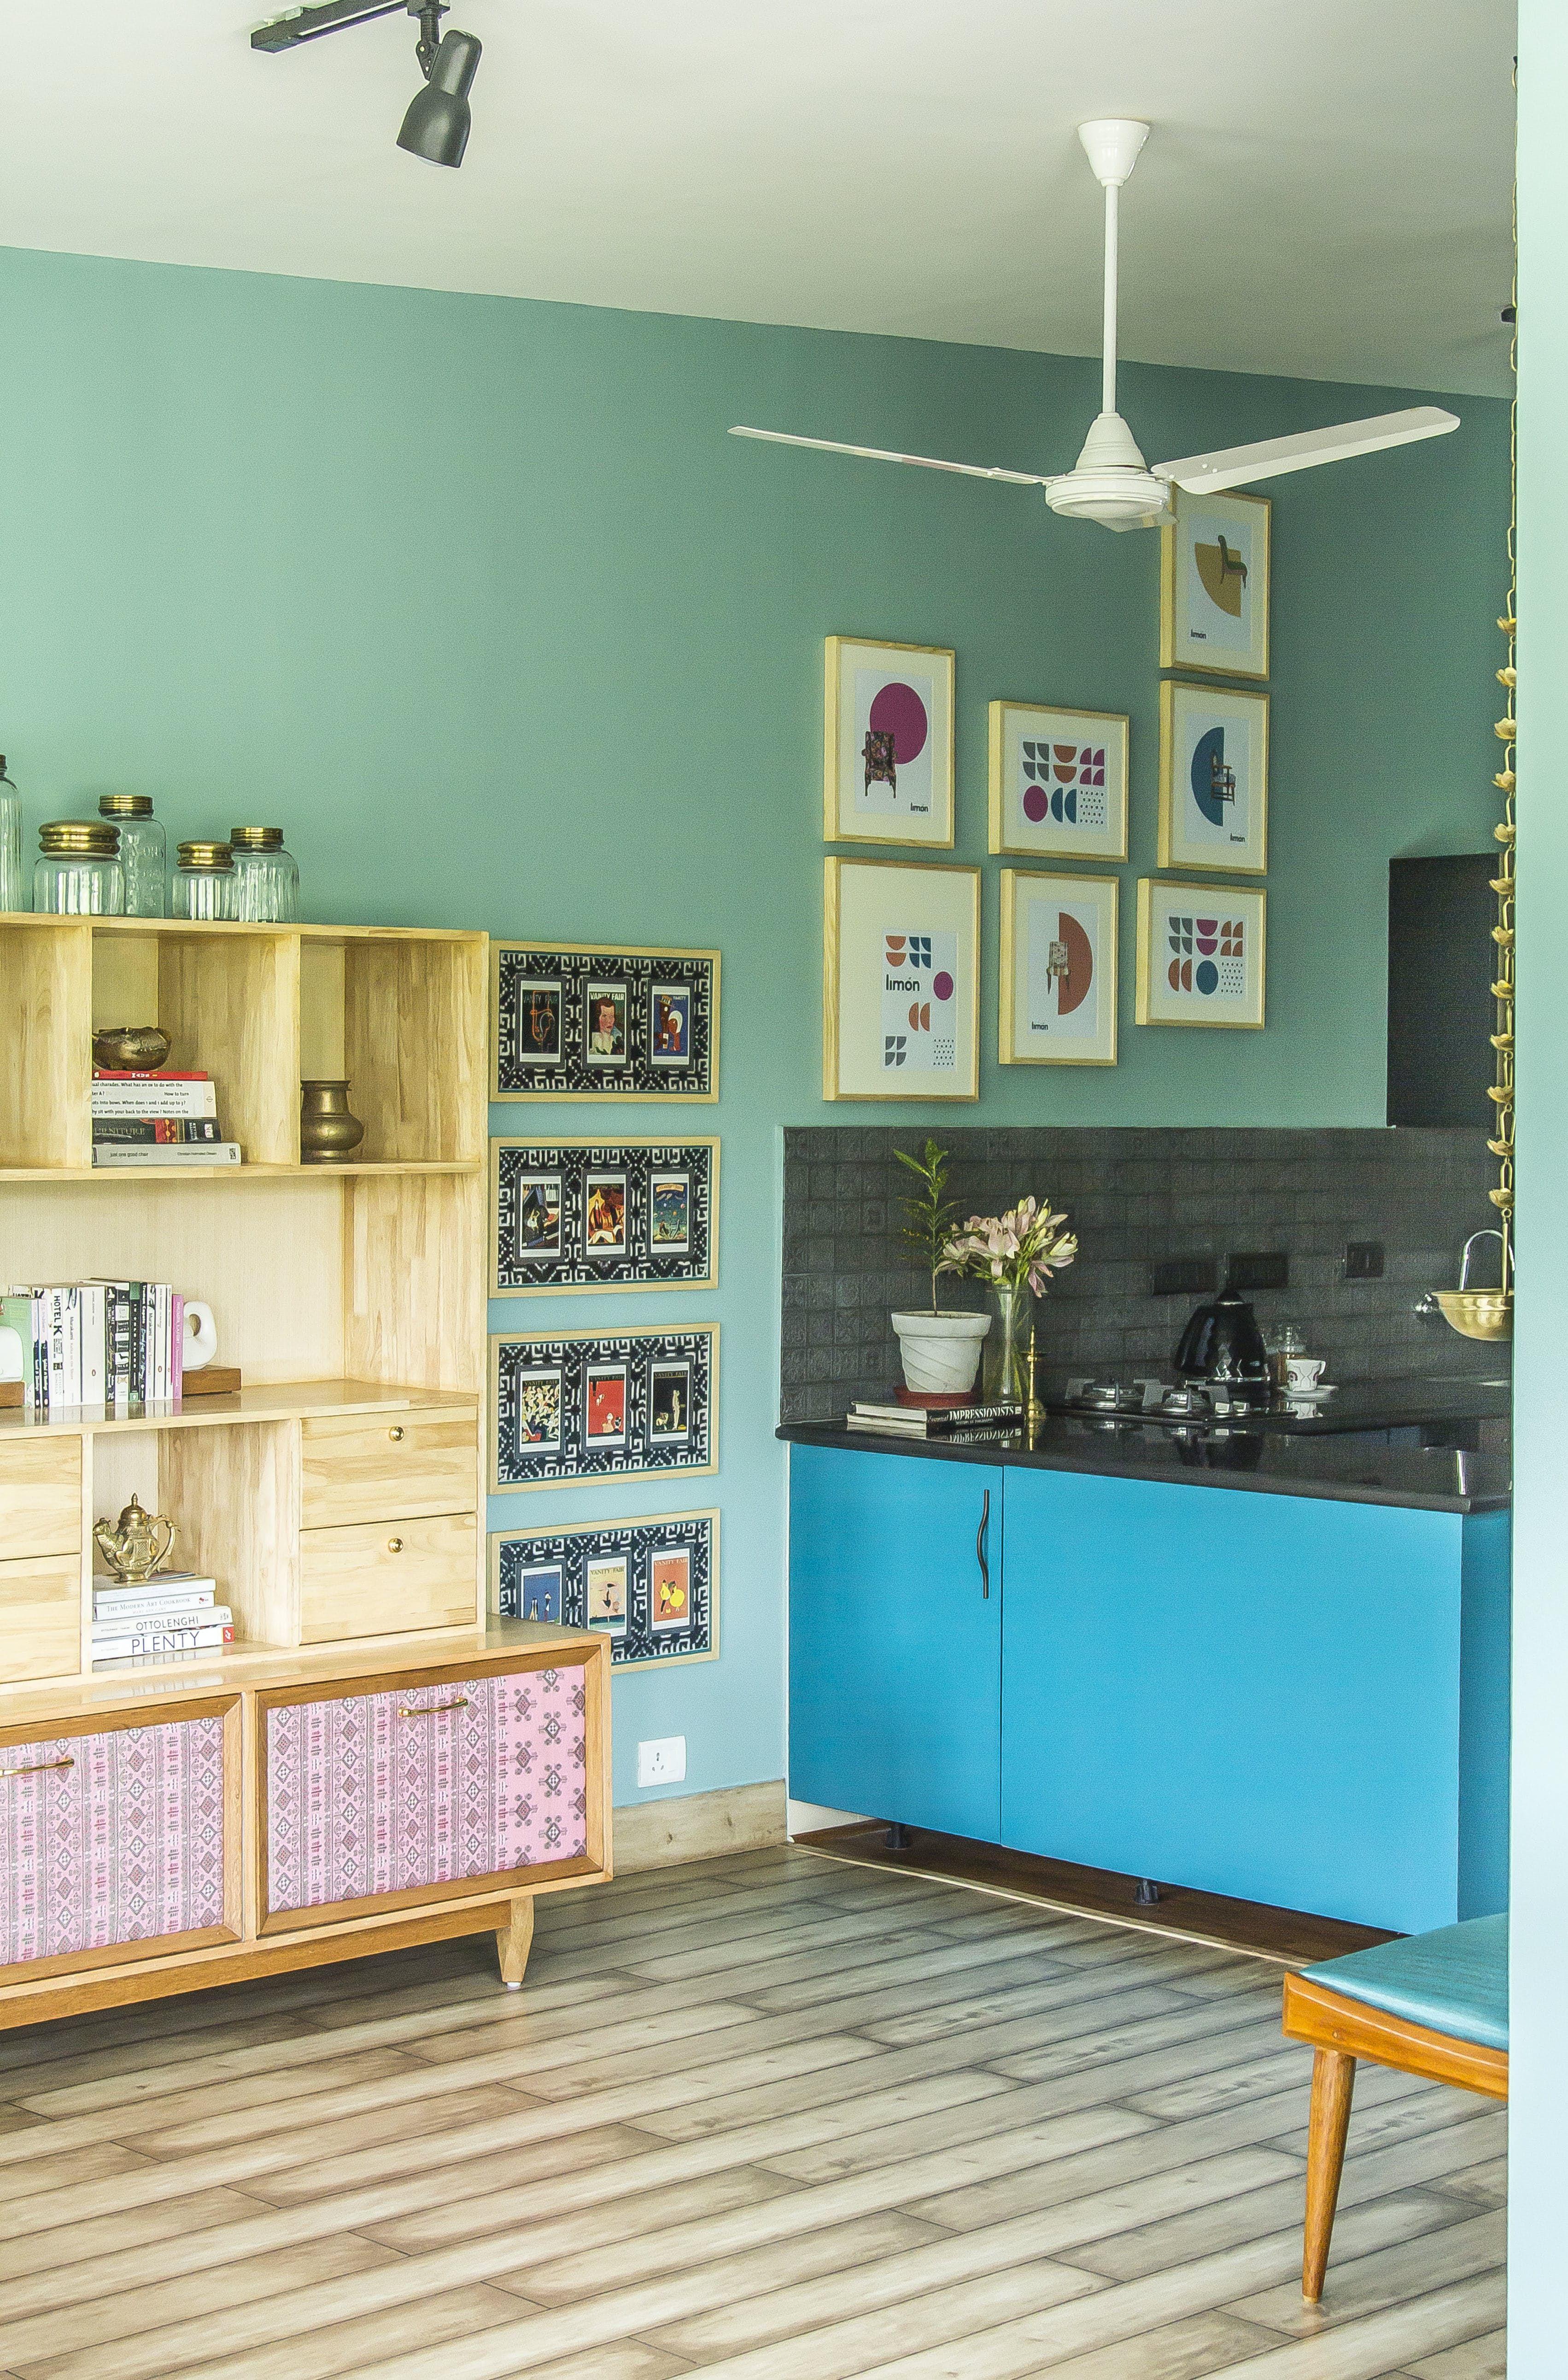 63553a4ae008c7ad4697fbebbe28d238 - 25+ Small House Design In Delhi  Gif